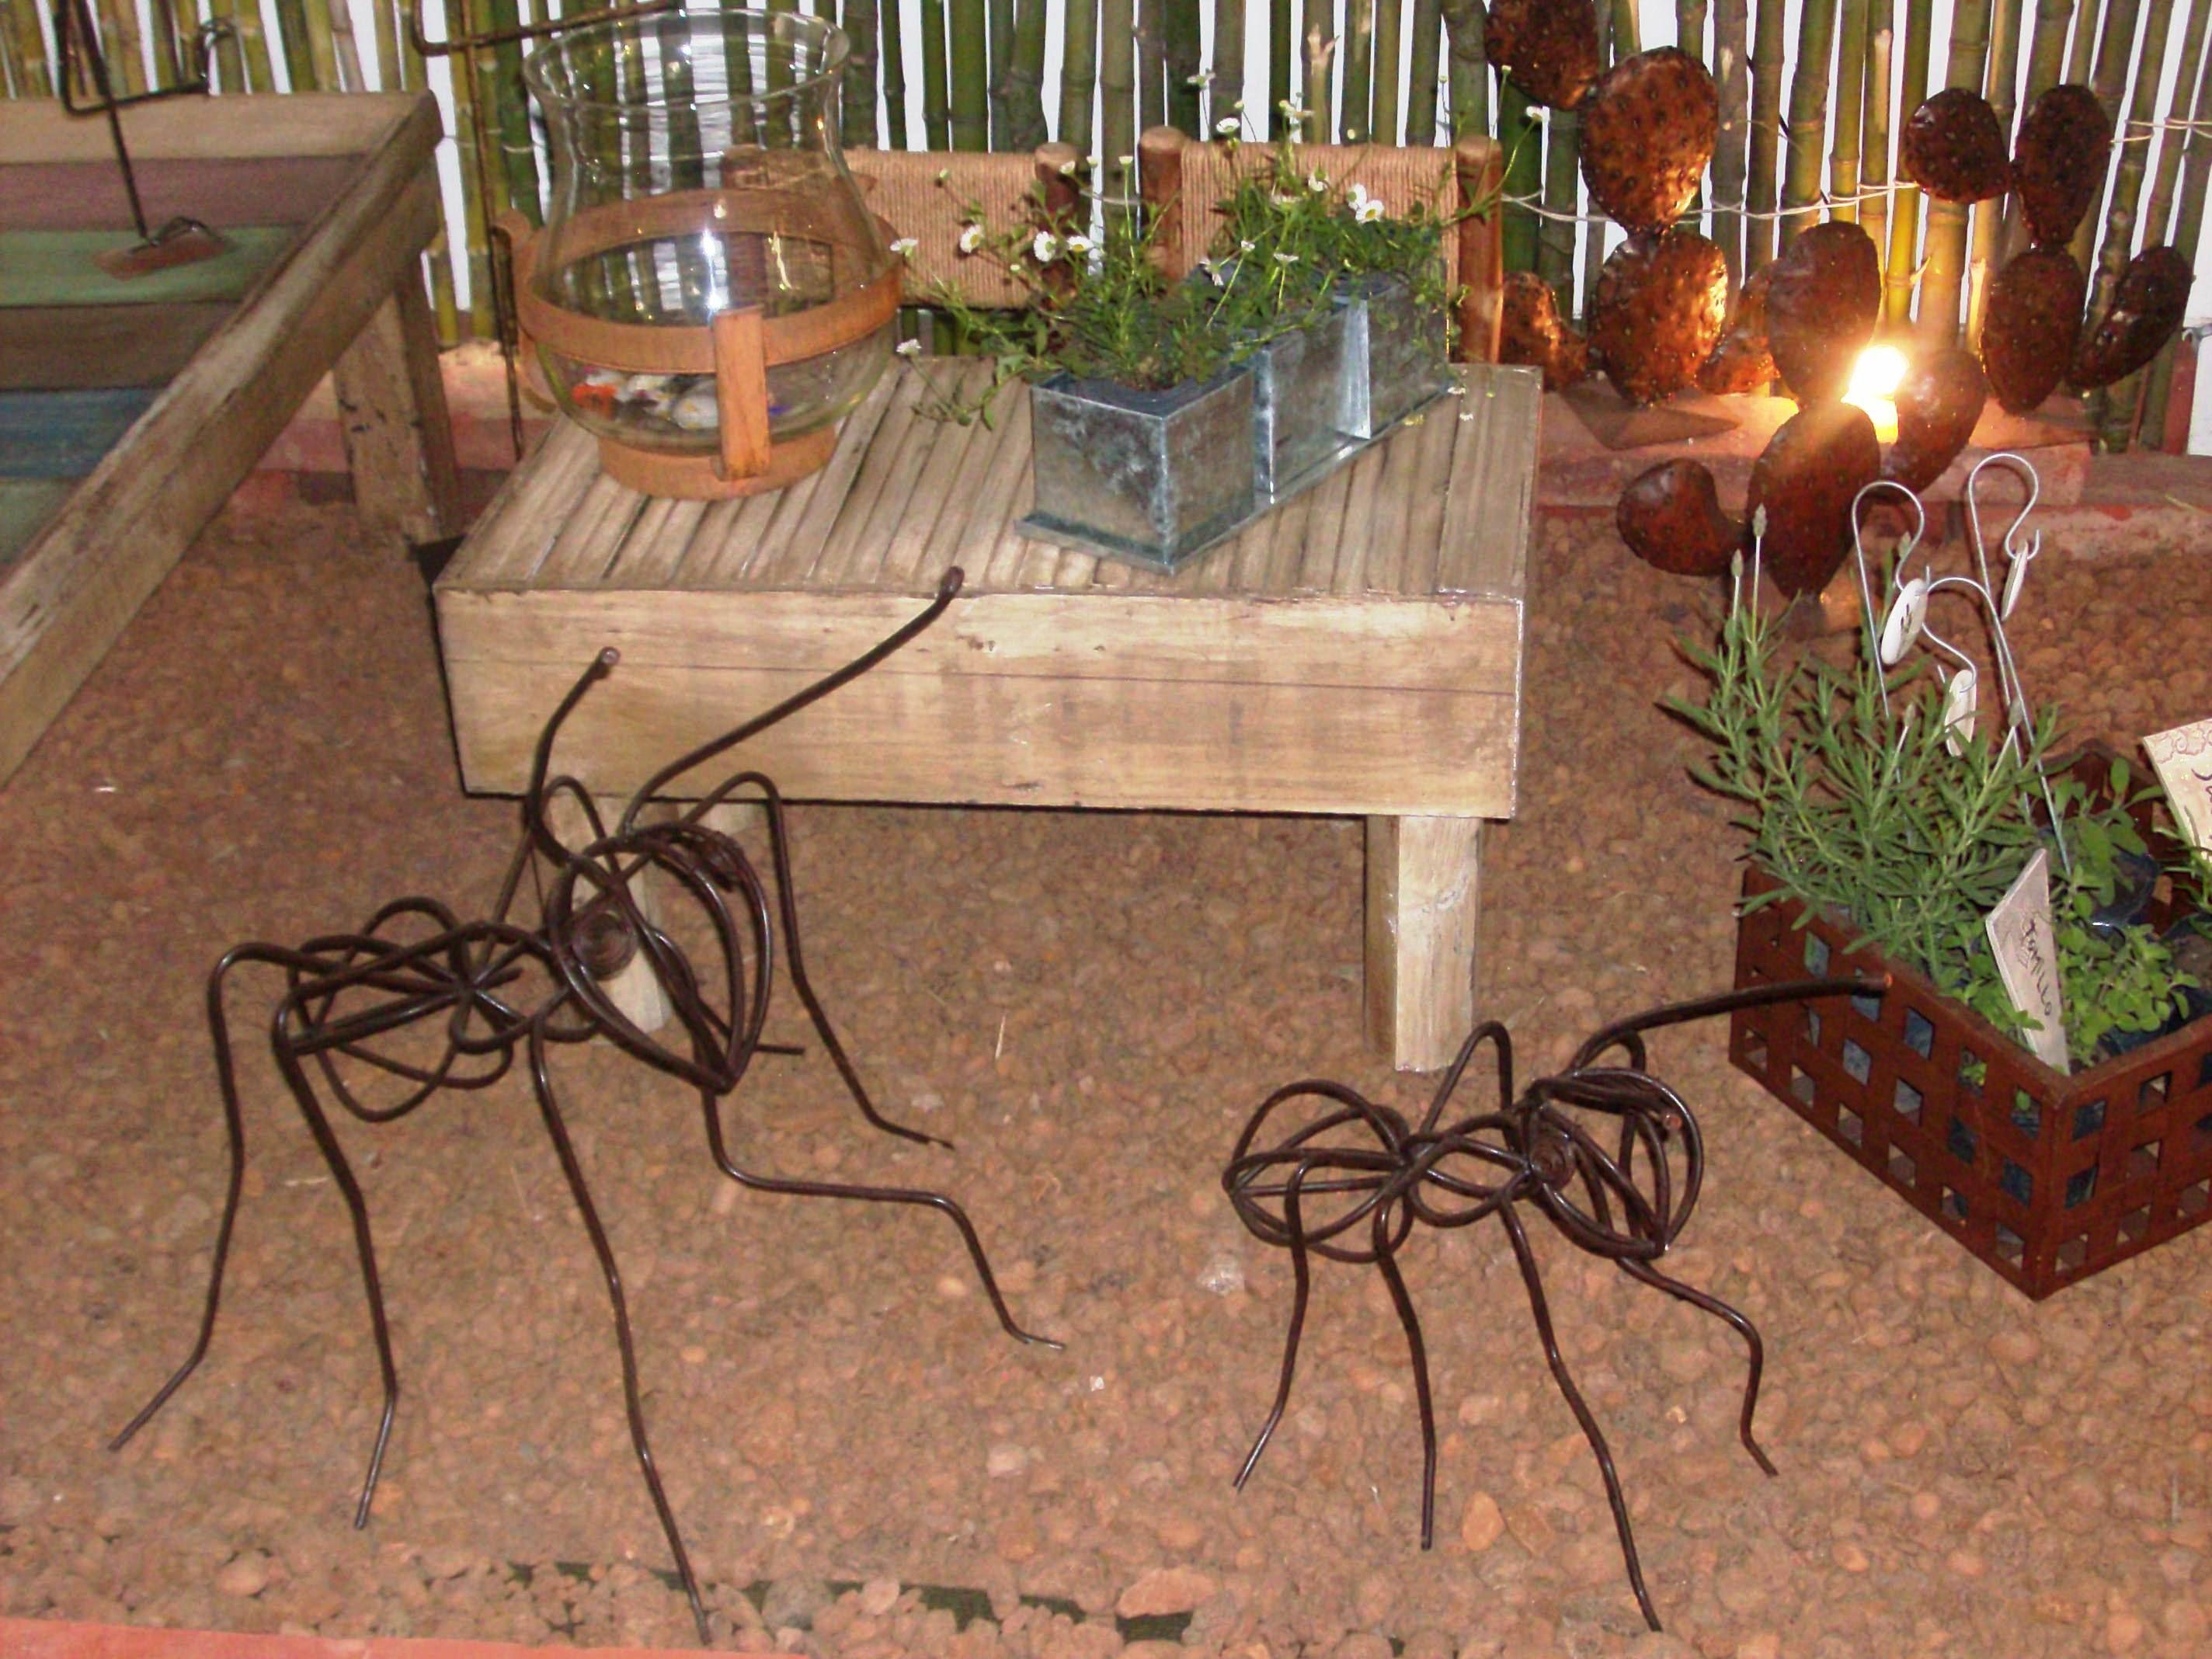 Un jard n seco con cactus en chapa hormigas en hierro - Muebles para jardin ...